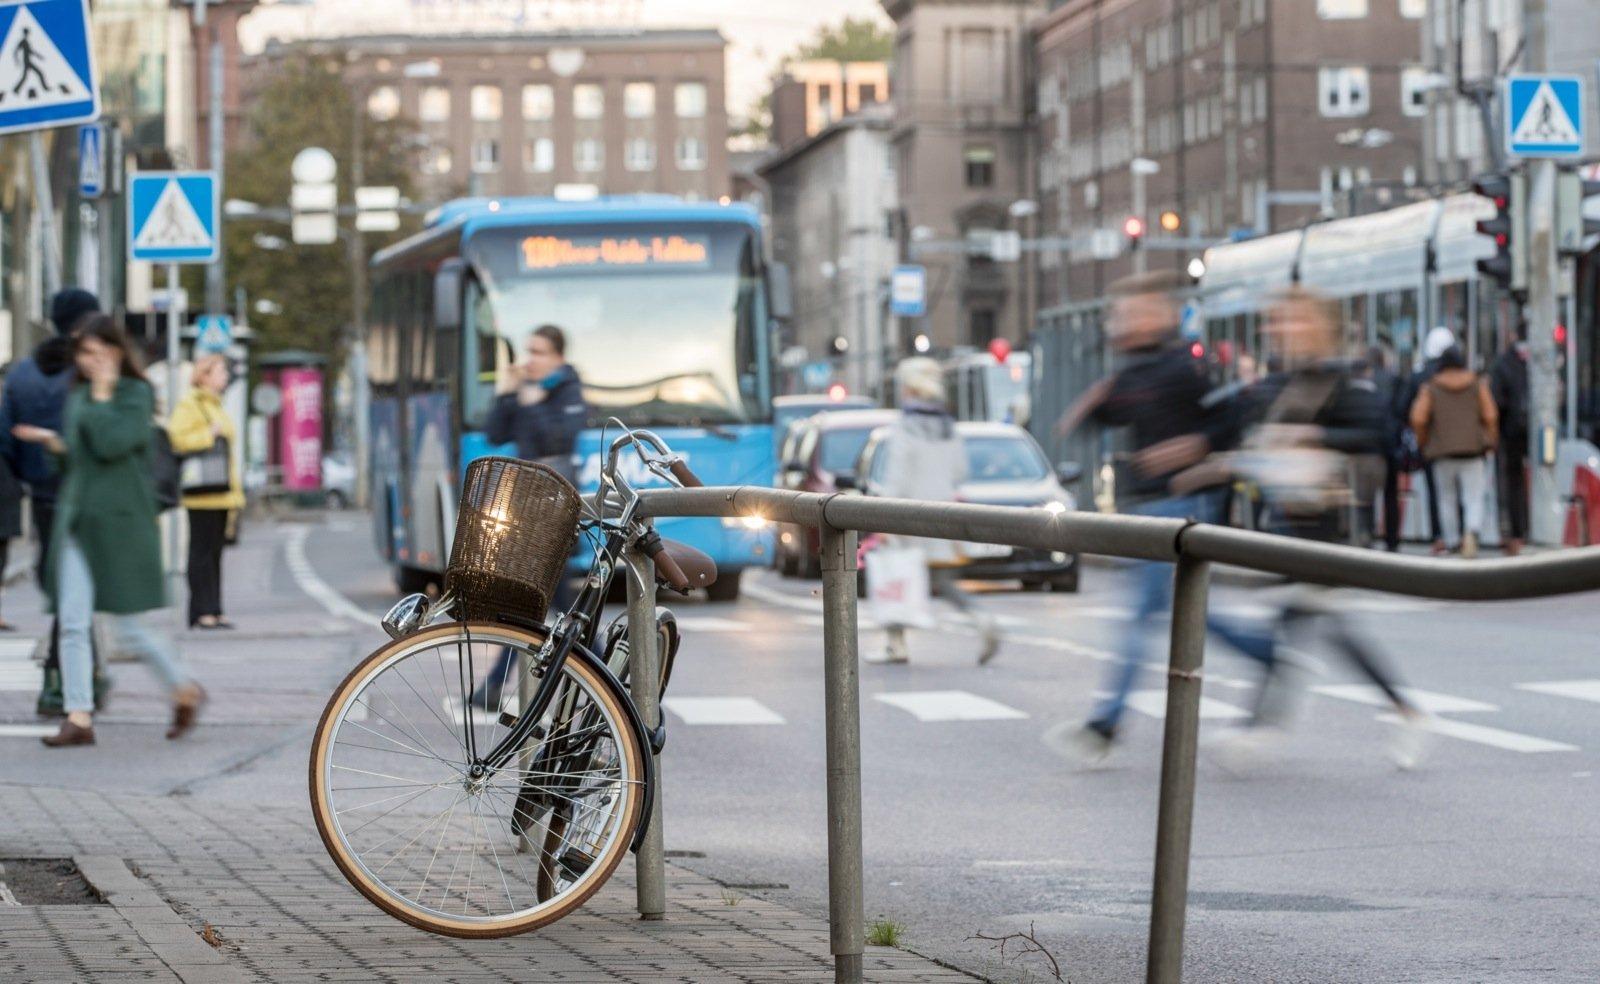 KAART | Linlased tahaks Tallinna kesk- ja vanalinnas näha üle 80 jalgrattaparkla: